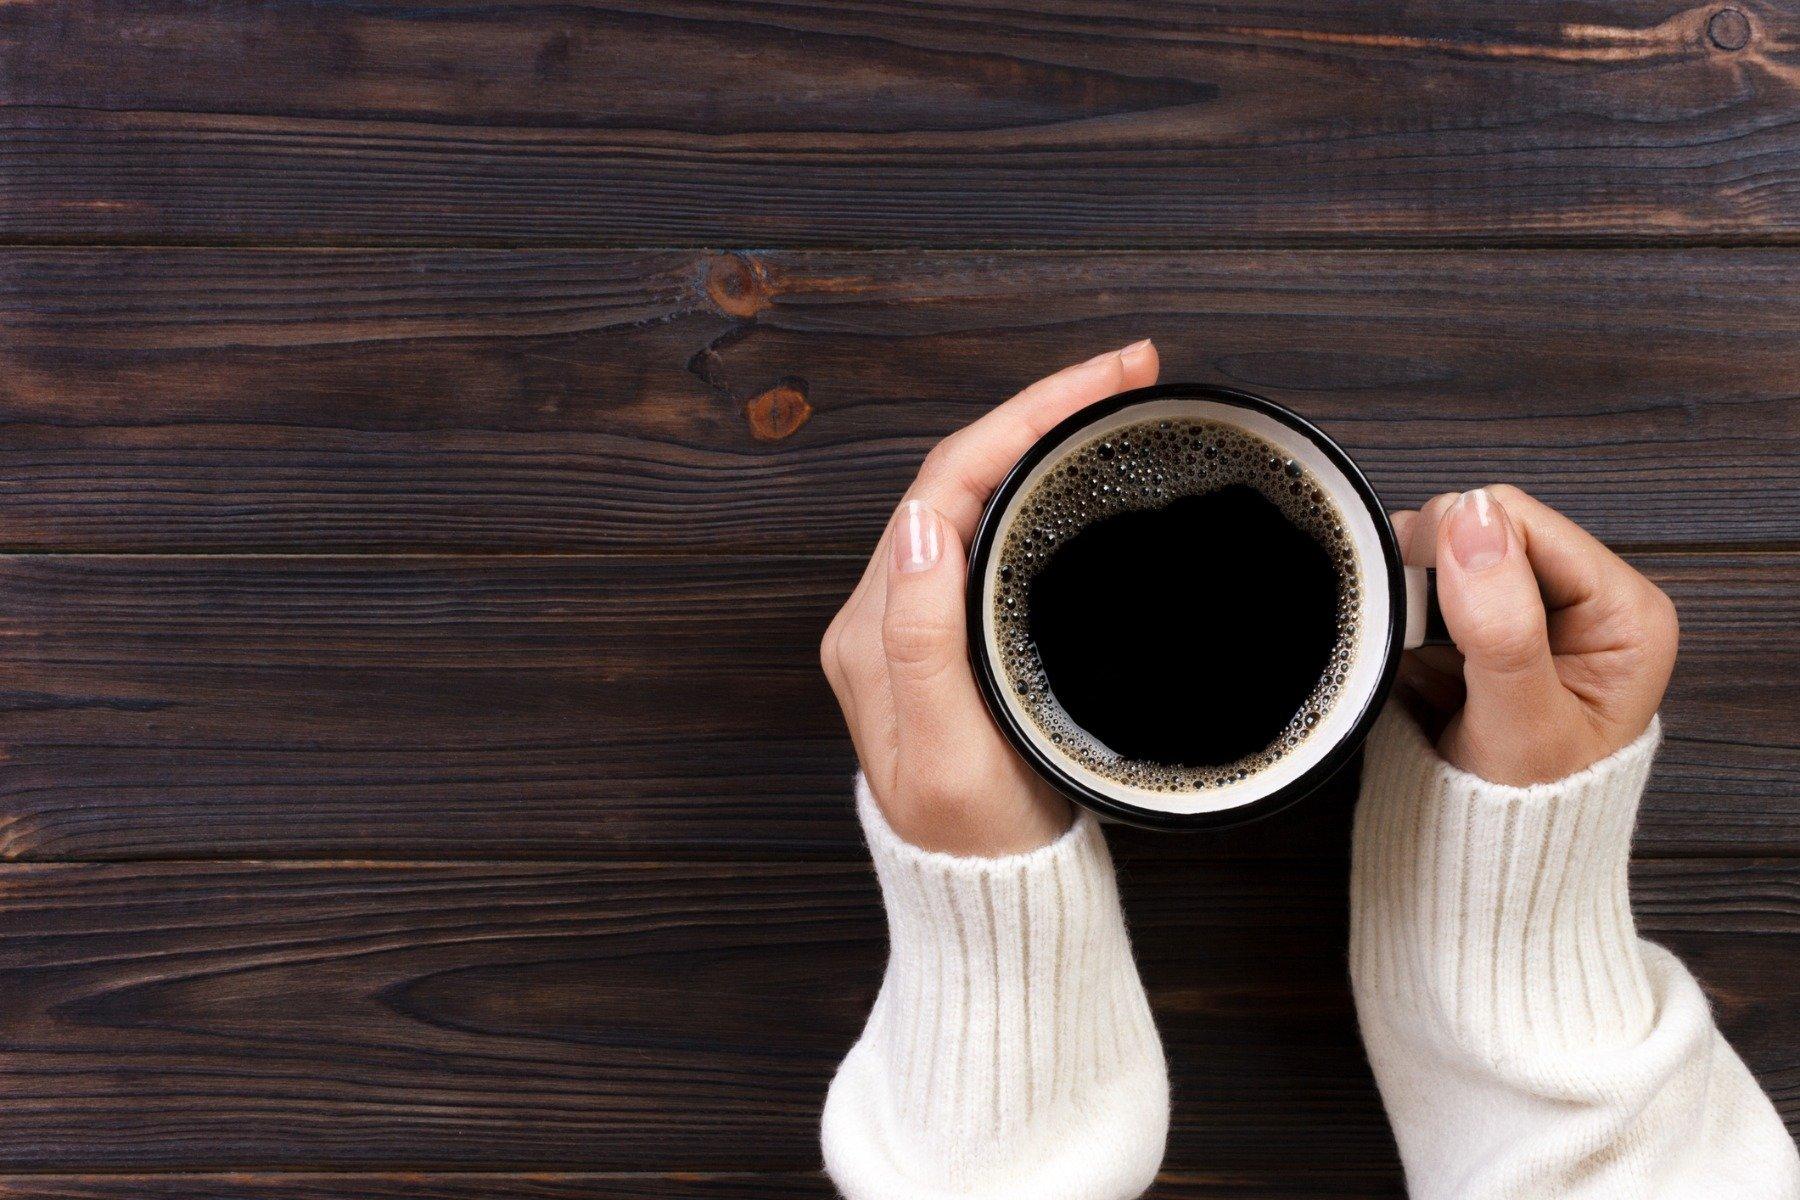 Koffein - warum beeinflusst Koffein einige und andere nicht?